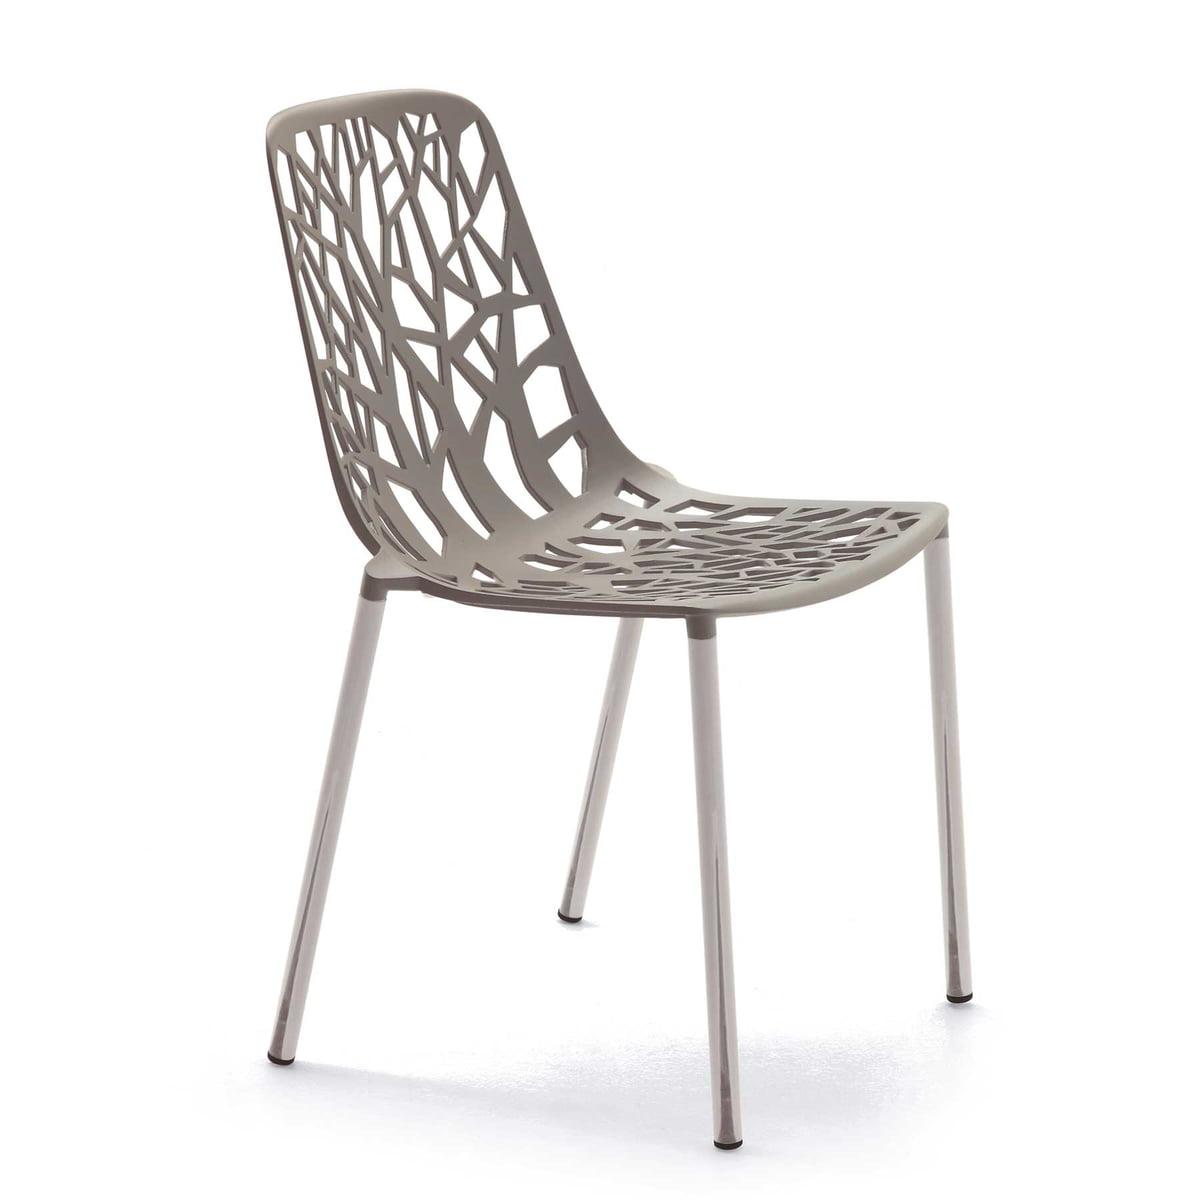 Snel Bos stapelbare stoel (binnen)   Connox